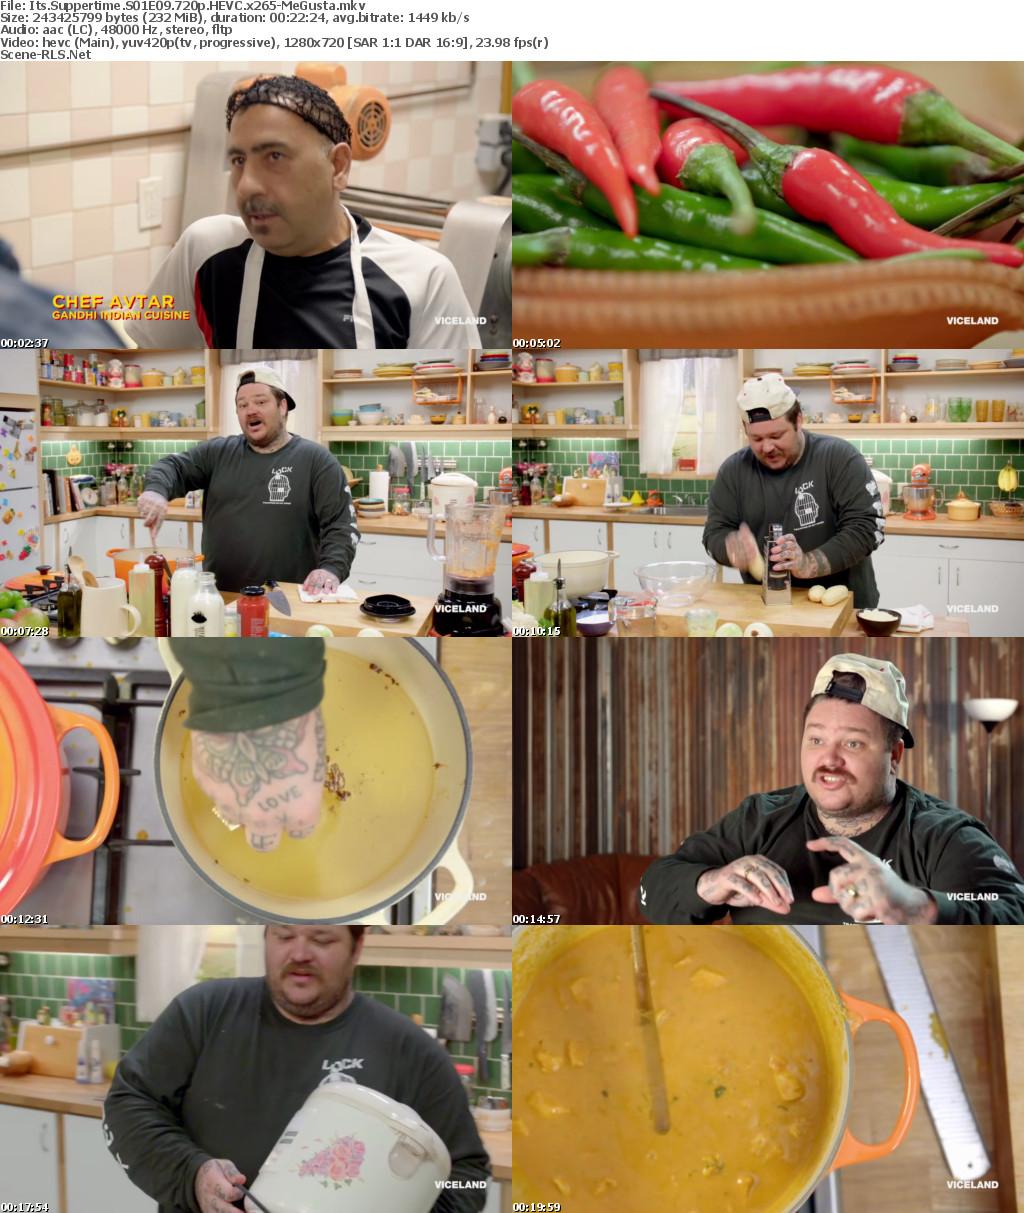 Its Suppertime S01E09 HDTV x264-YesTV - Scene Release